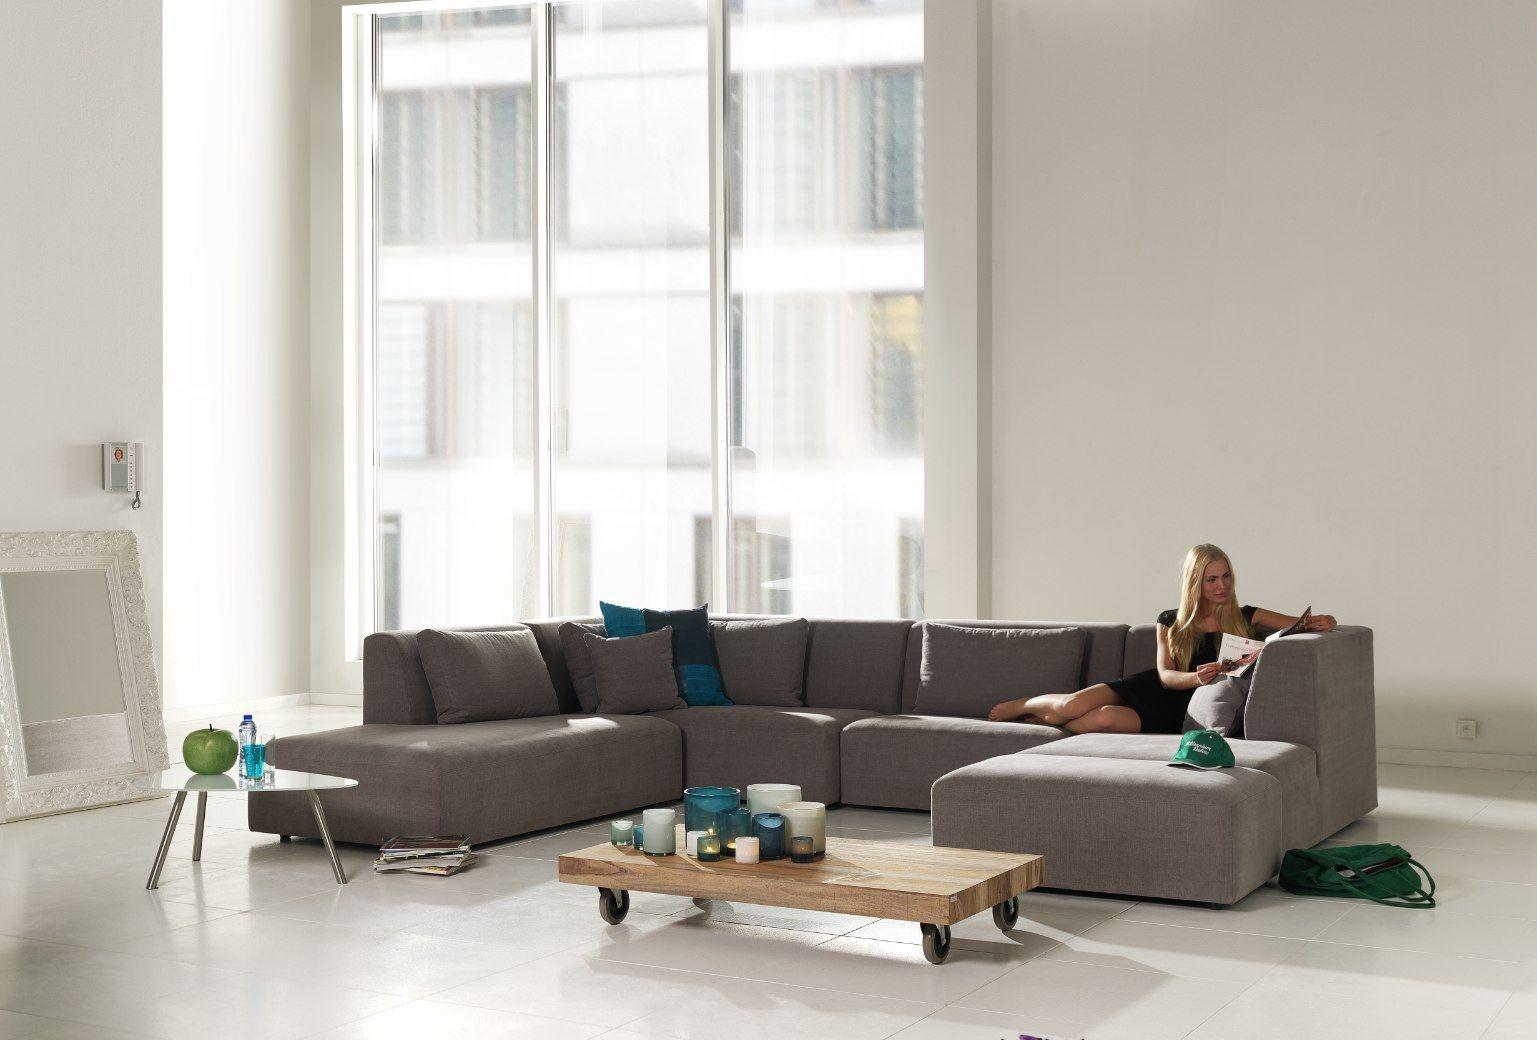 Hoeksalon top interieur salons en fauteuils pinterest - De mooiste fauteuils ...